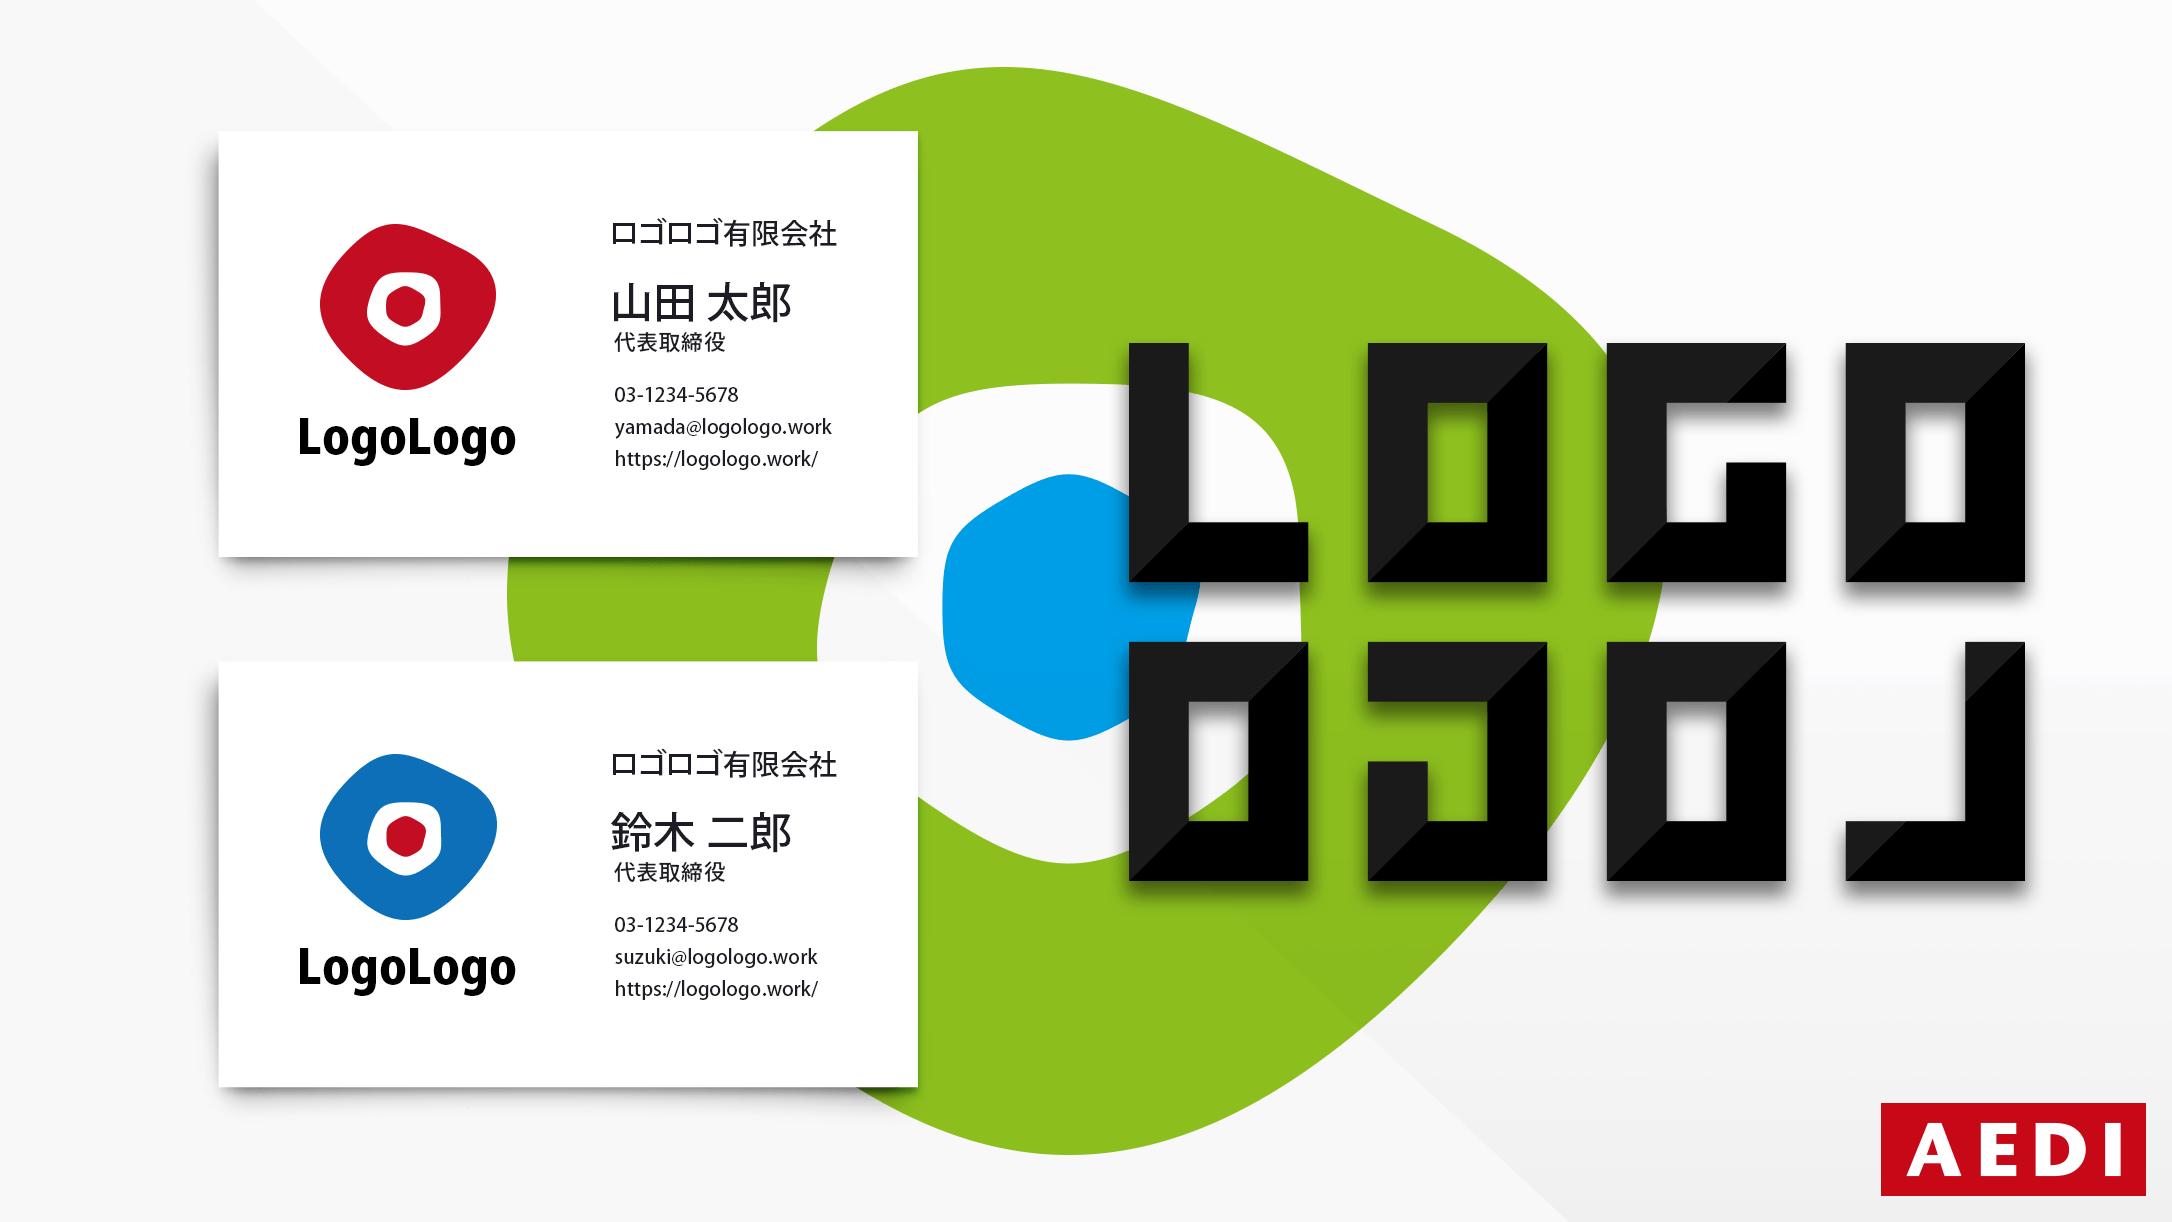 ロゴロゴ ロゴマークデザイン005 ホームページ/Web制作・デザイン制作 岡山県倉敷市のWebとデザインの制作会社 AEDI株式会社